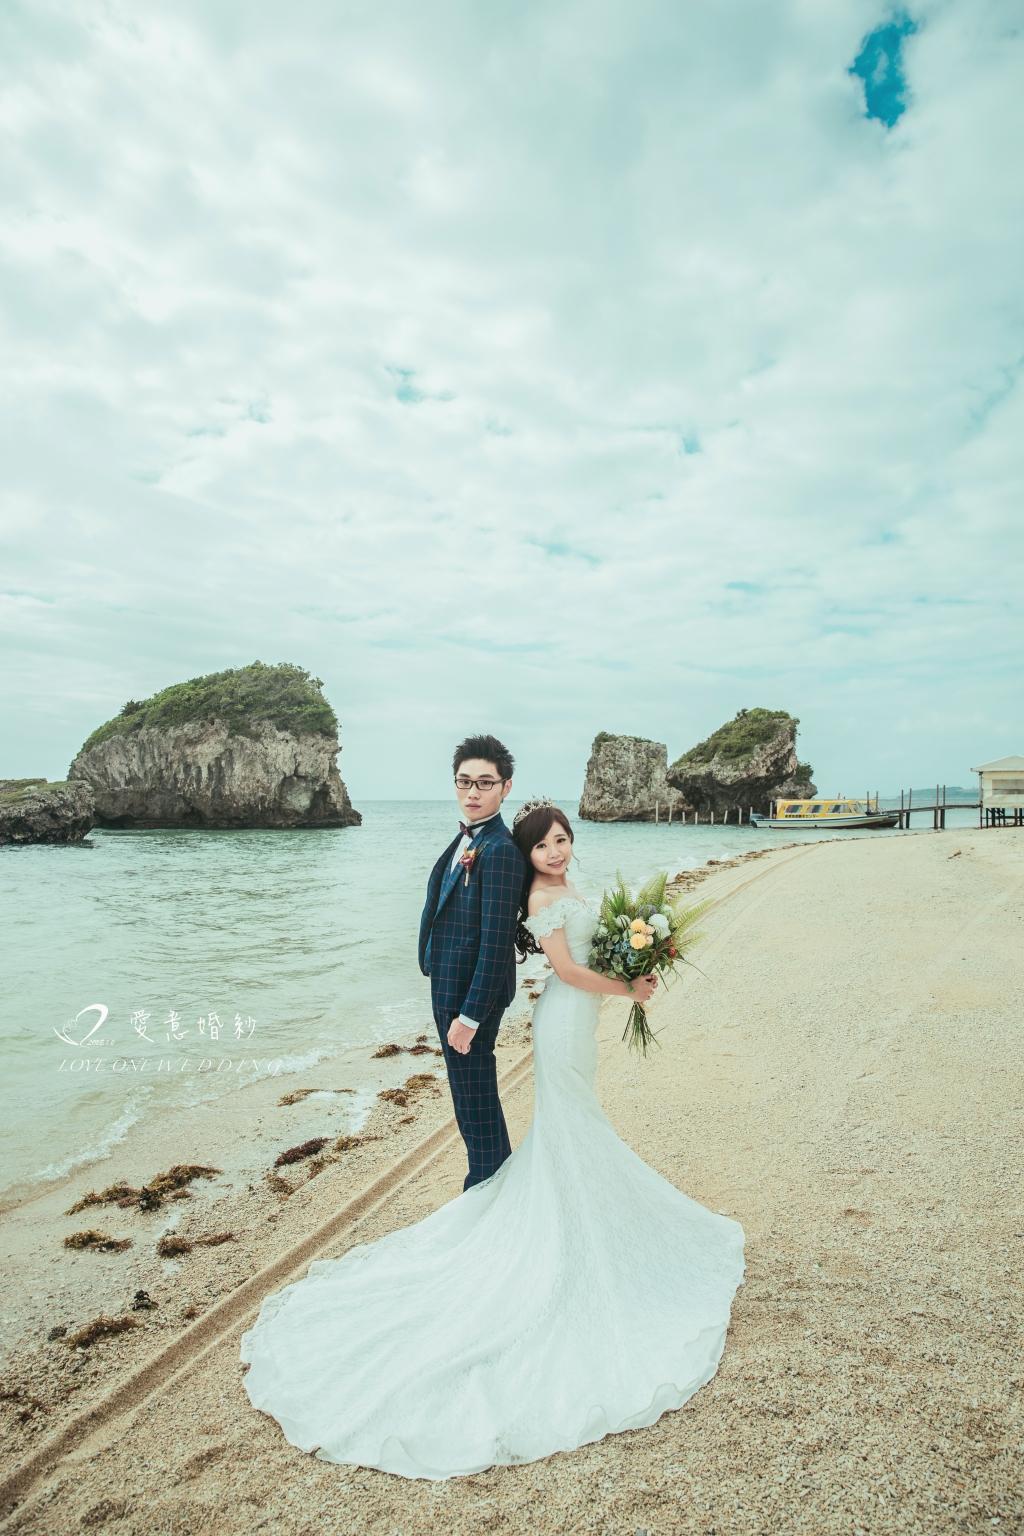 沖繩拍婚紗34